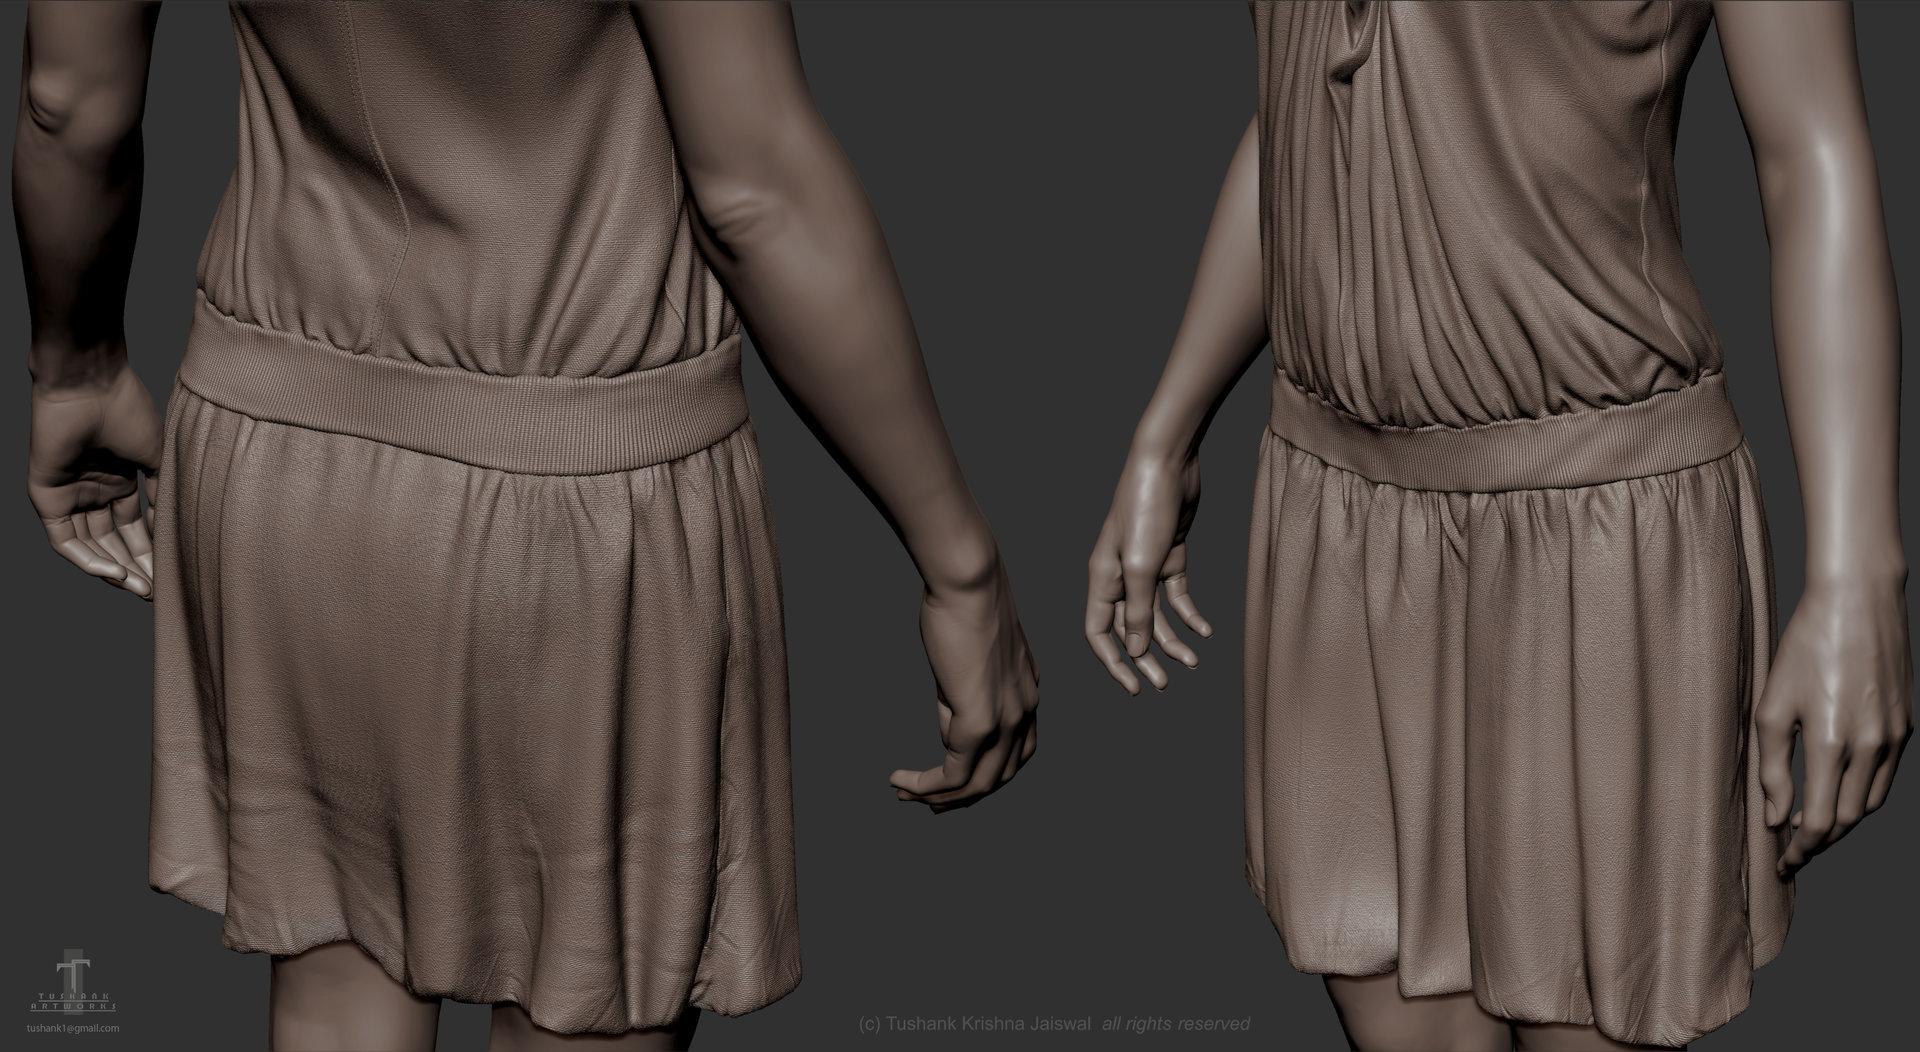 Tushank k jaiswal anatomy study female clothing close ups 2